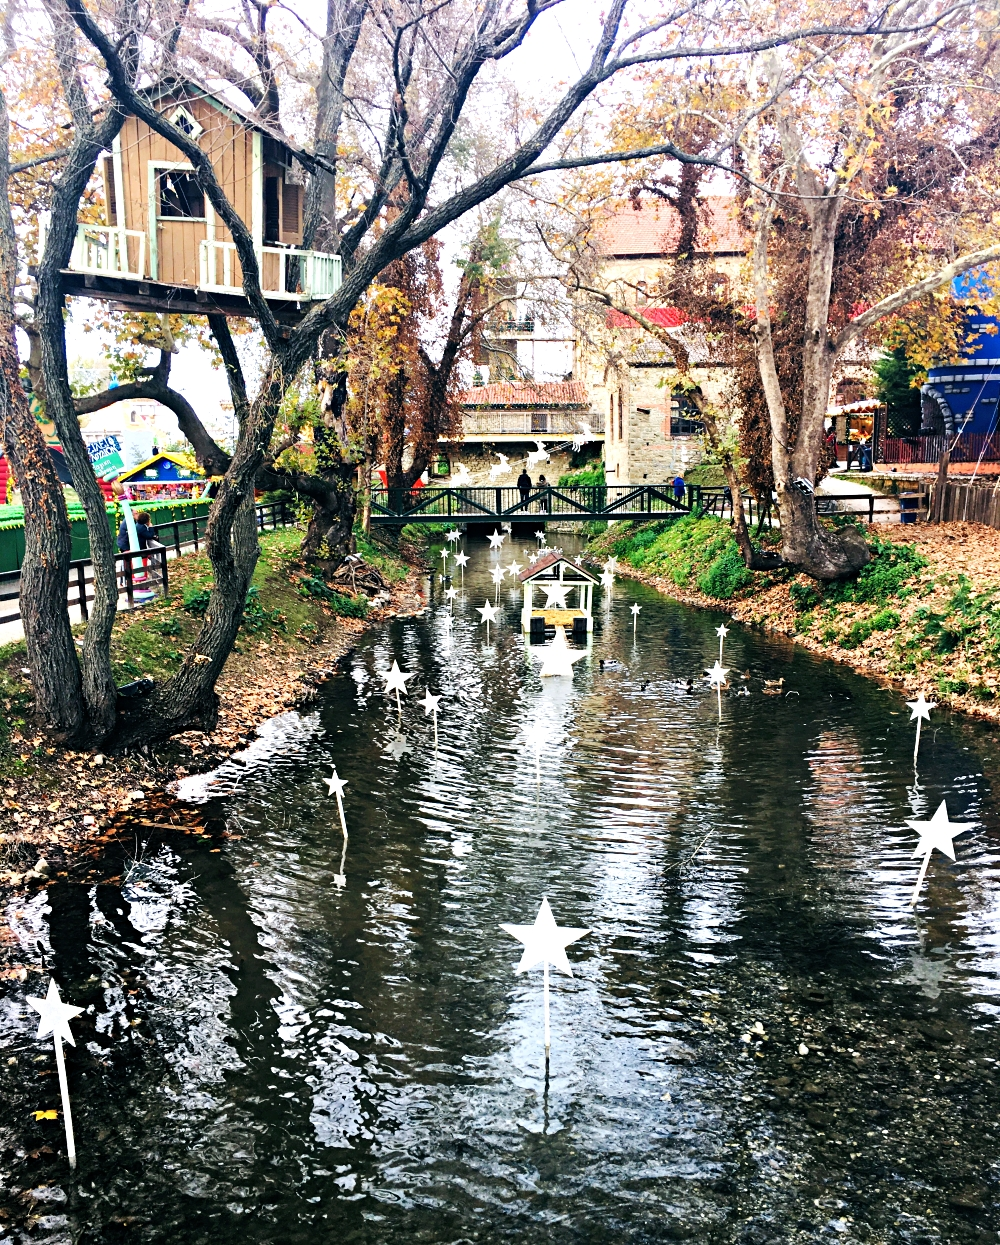 Ο Μύλος των Ξωτικών, Trikala, Greece, Christmas park, Bozicni park